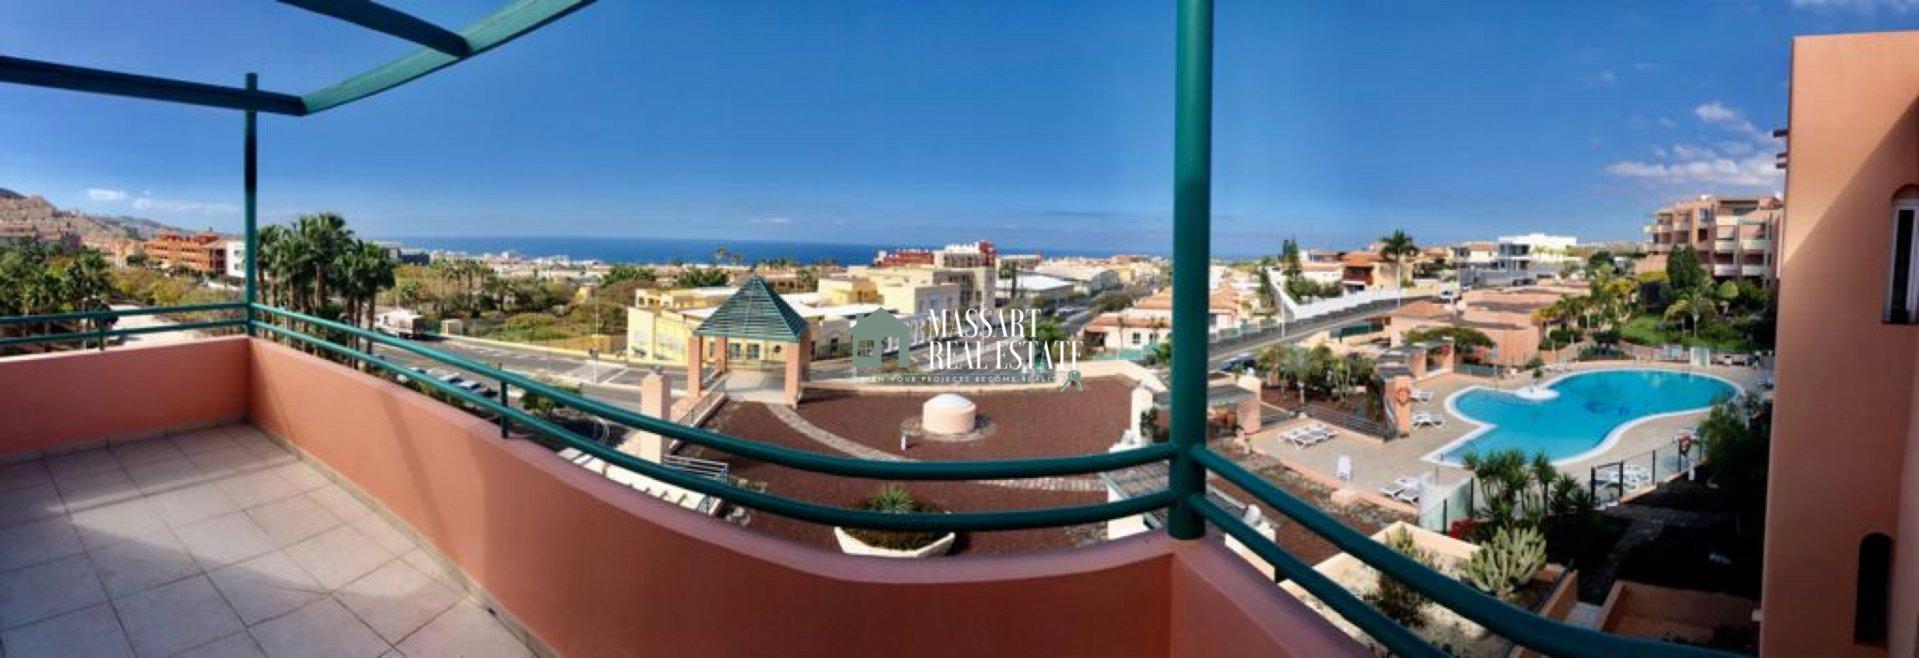 Penthouse récemment rénové de 132 m2 caractérisé par une vue panoramique sur la mer et la piscine communautaire, dans le prestigieux quartier d'El Madroñal (Costa Adeje).